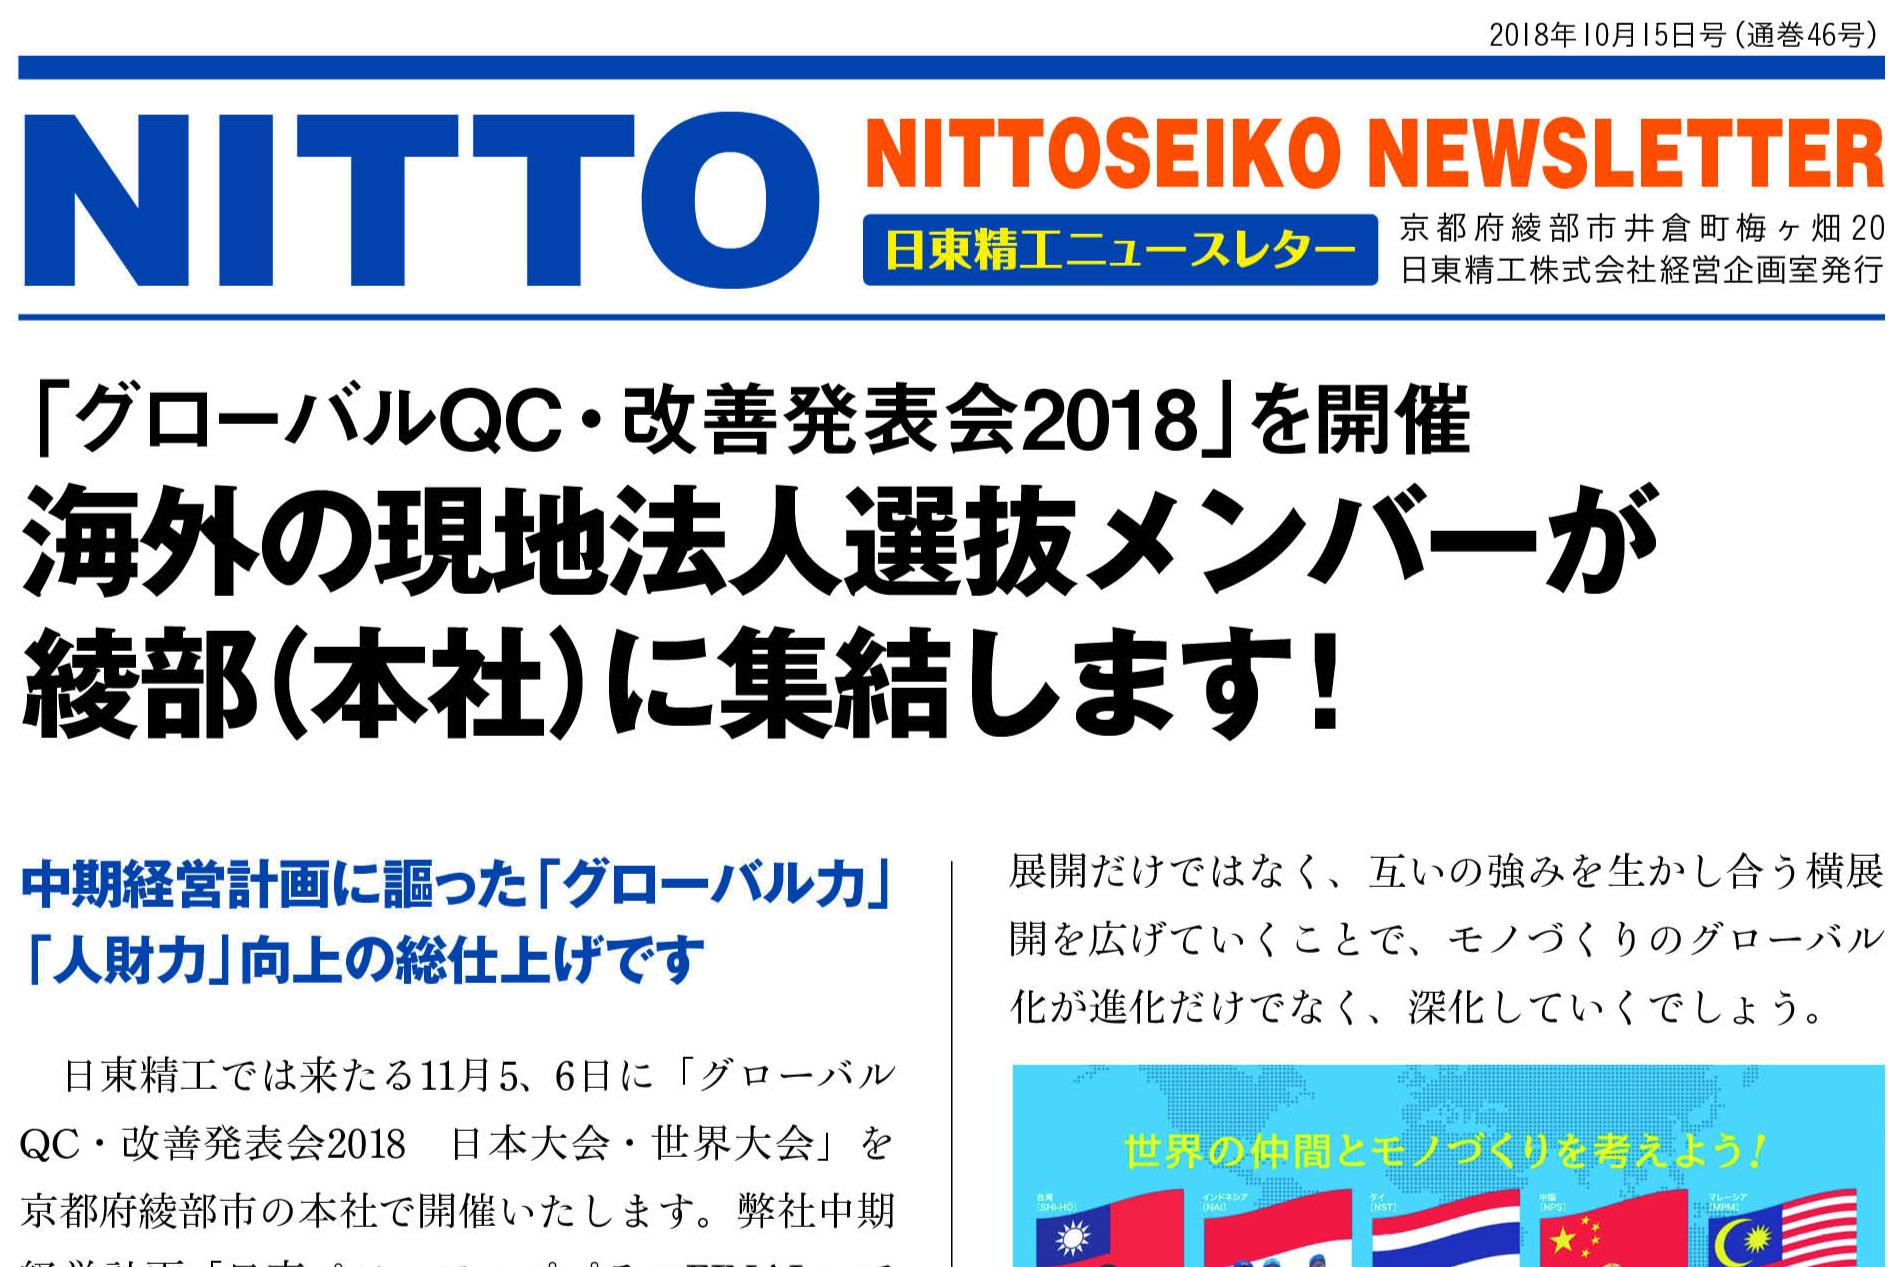 【ニュースレター・2018年10月号(第46号)】「グローバルQC・改善発表会2018」を開催